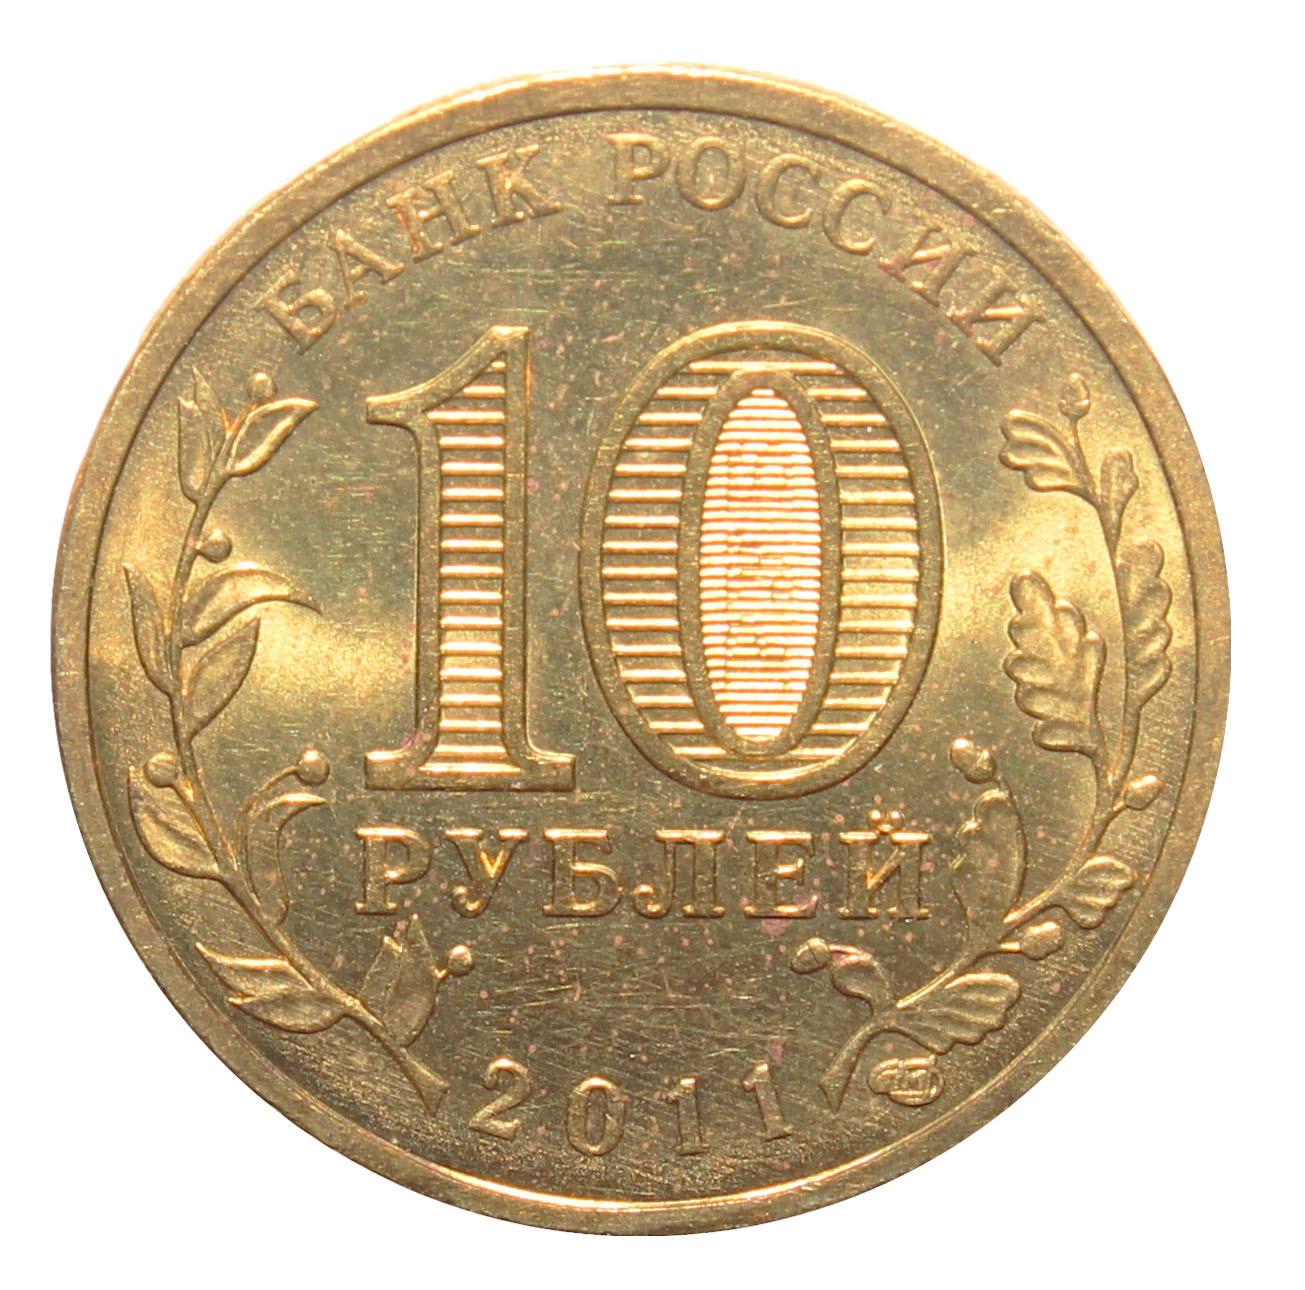 10 рублей Курск 2011 г..  VF